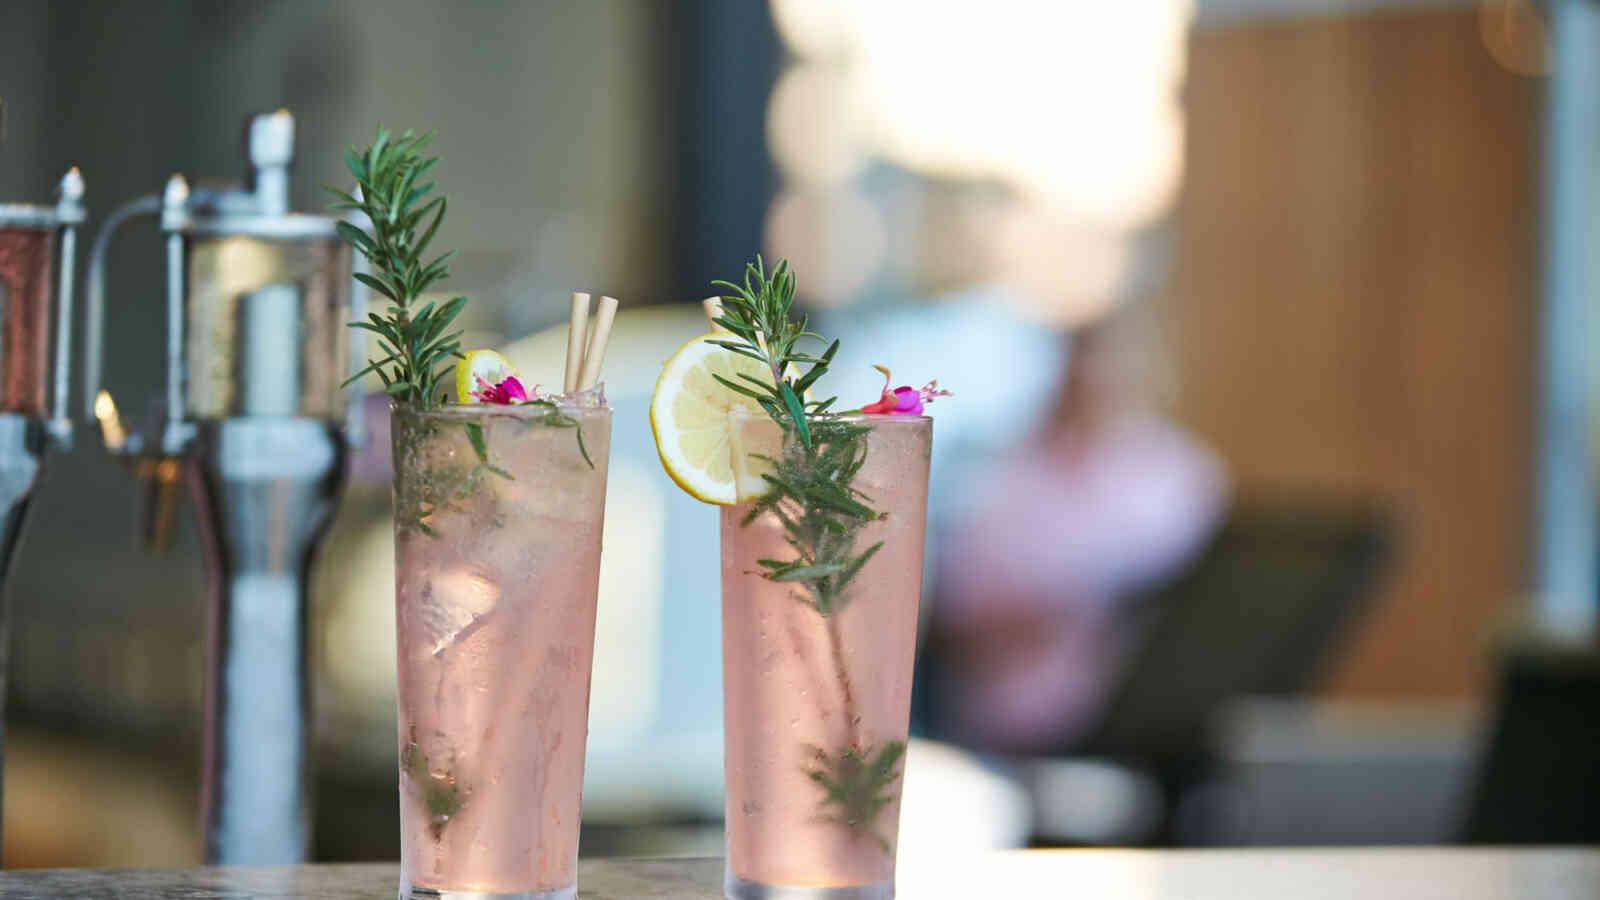 Pinkys20Signature20Drink20 20 Rottnest20 Island20 Iced20 Tea